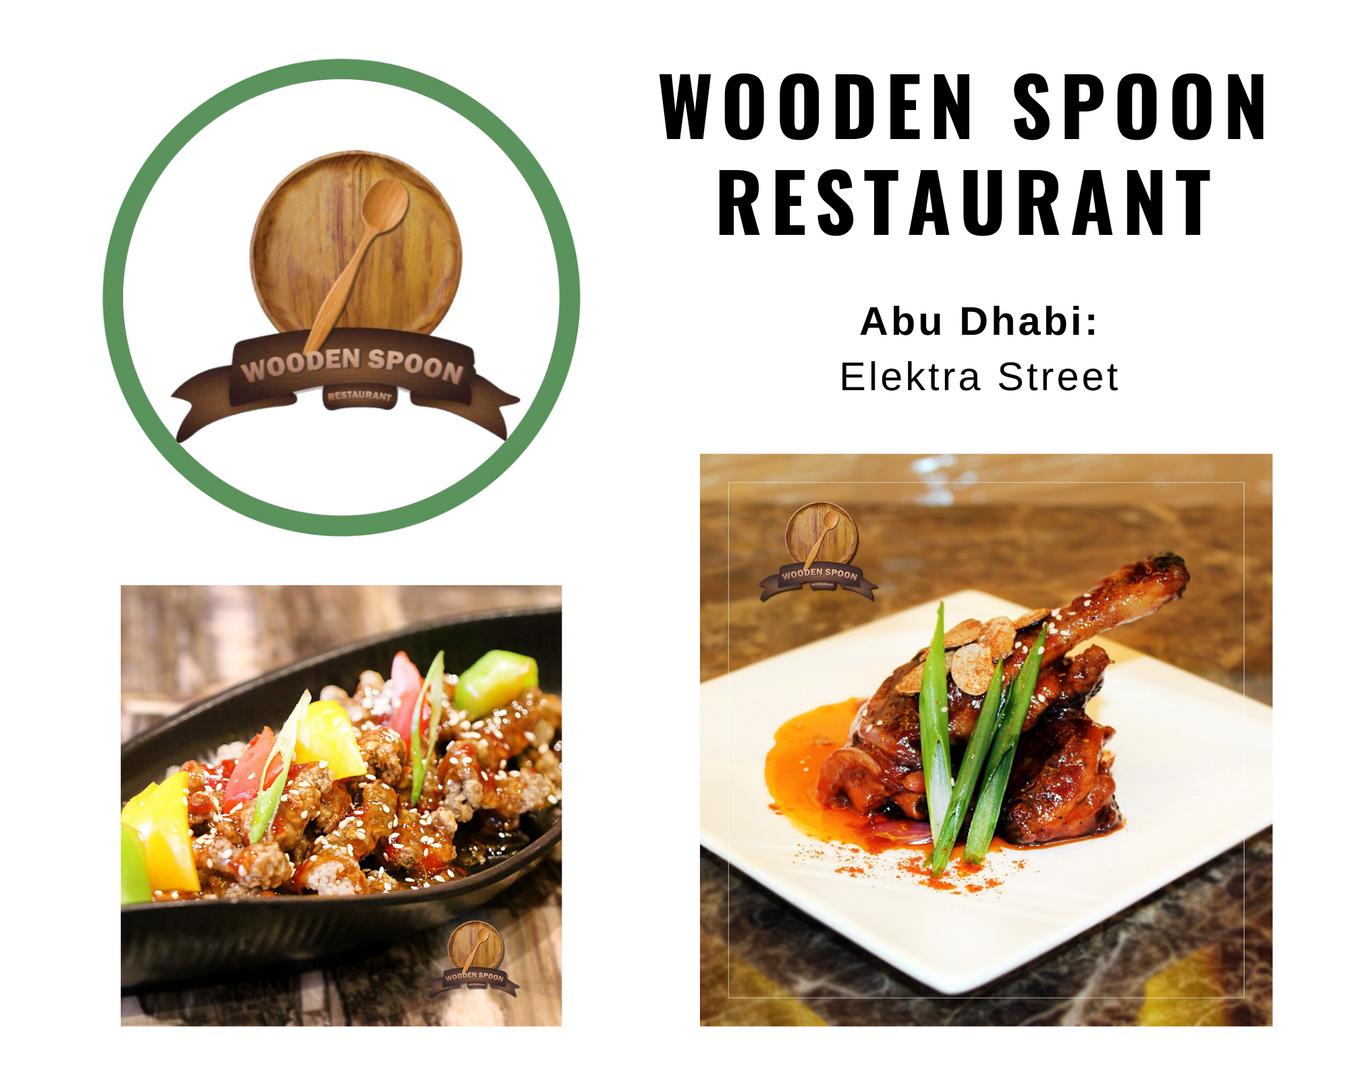 Wooden Spoon Restaurant